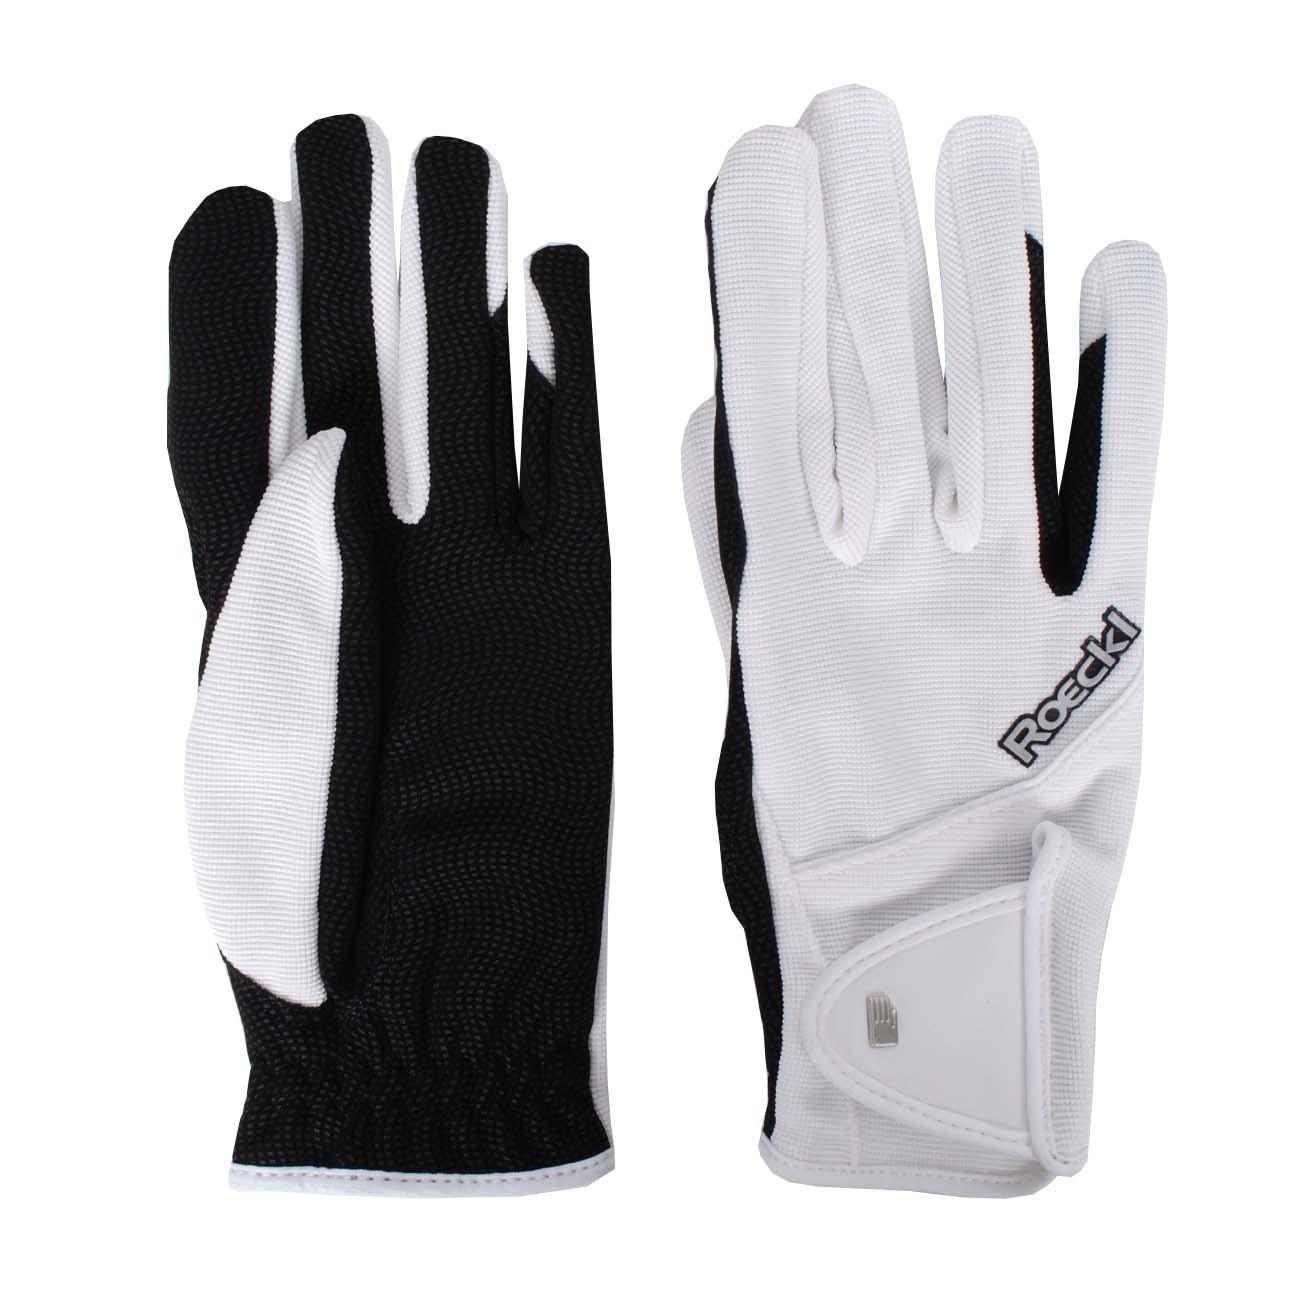 Roeckl Milano handschoenen wit maat:6,5